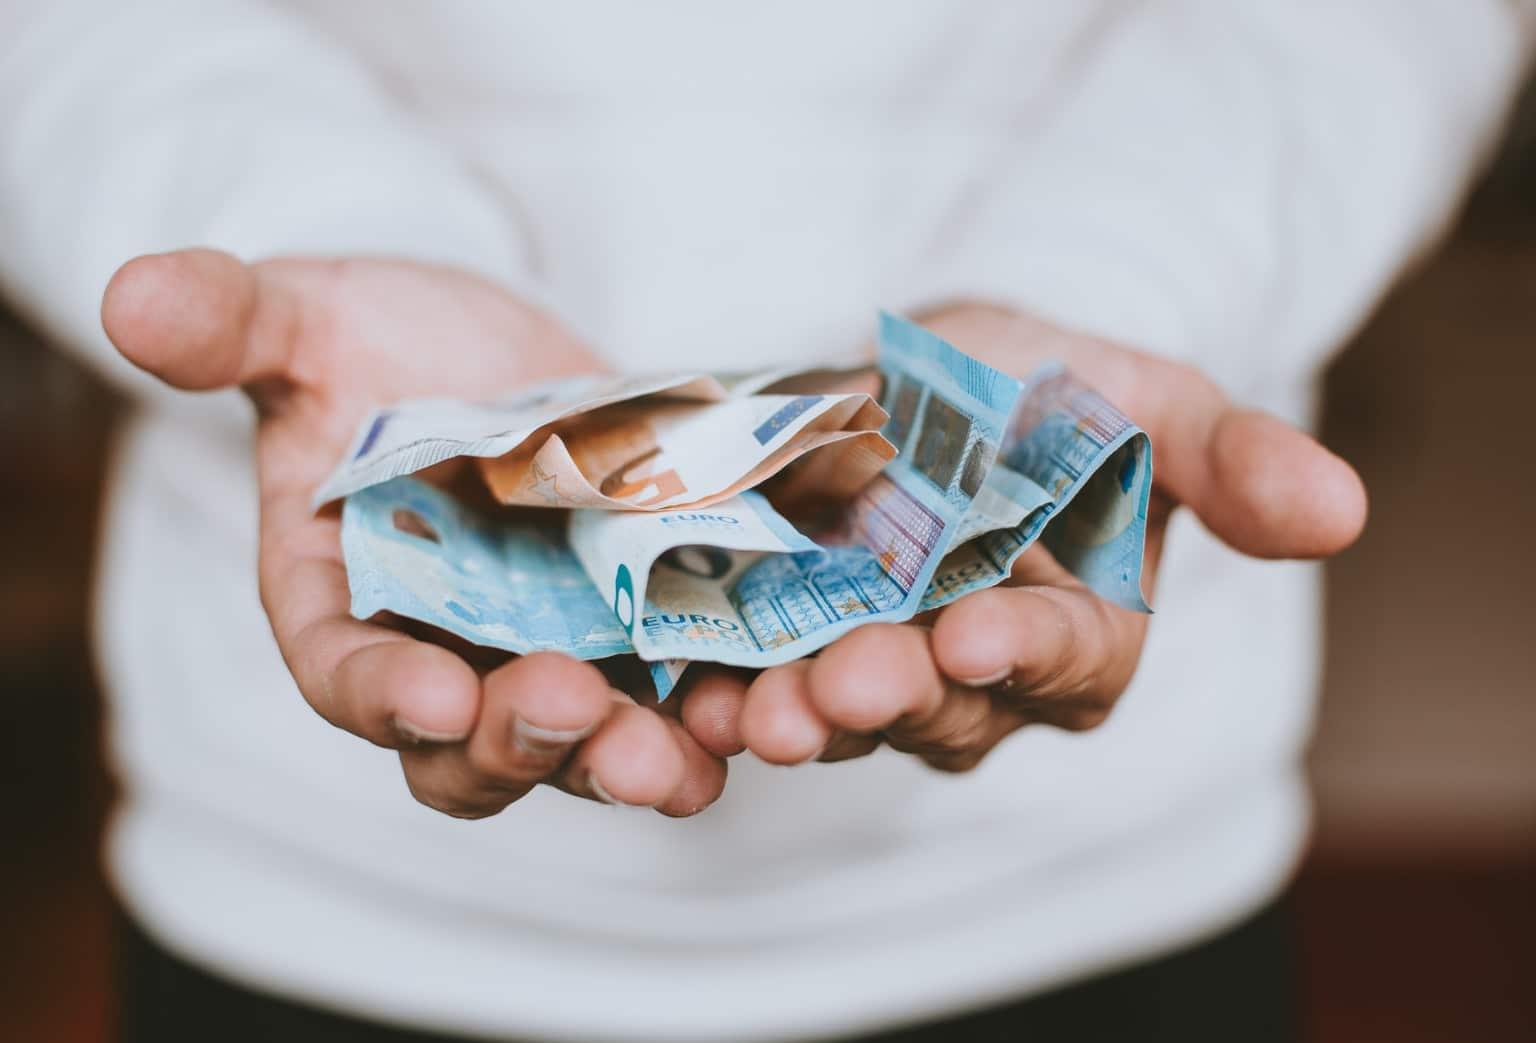 comment trouver de l'argent sans passer par la banque